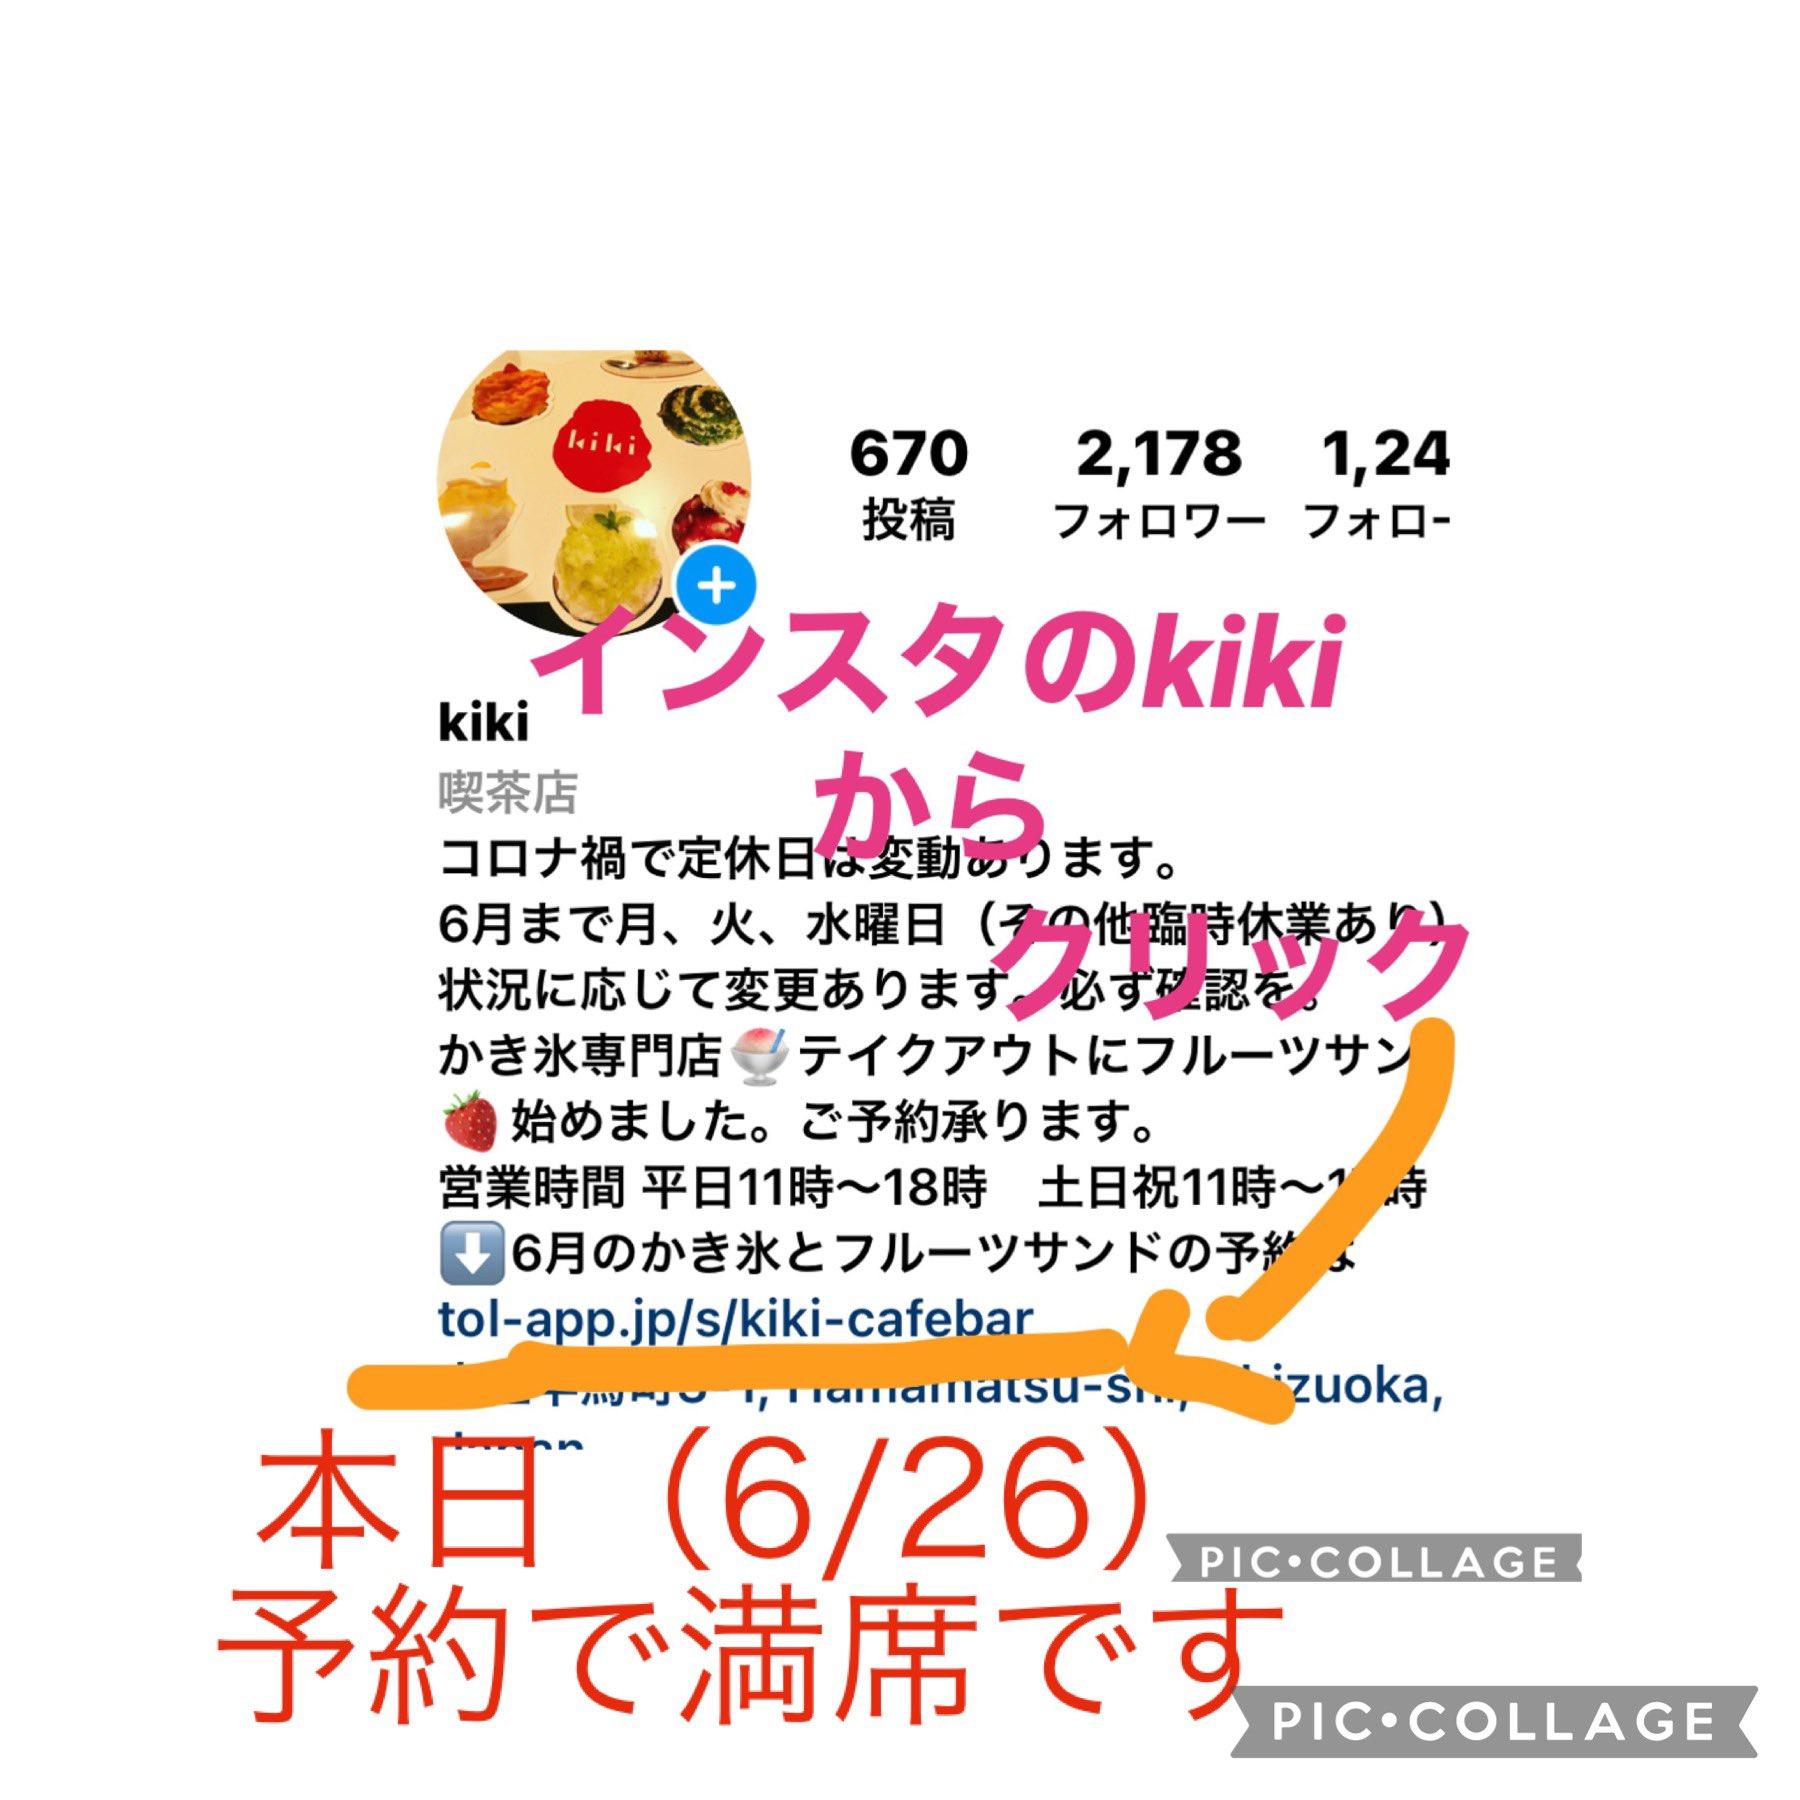 浜松コロナ ツイッター